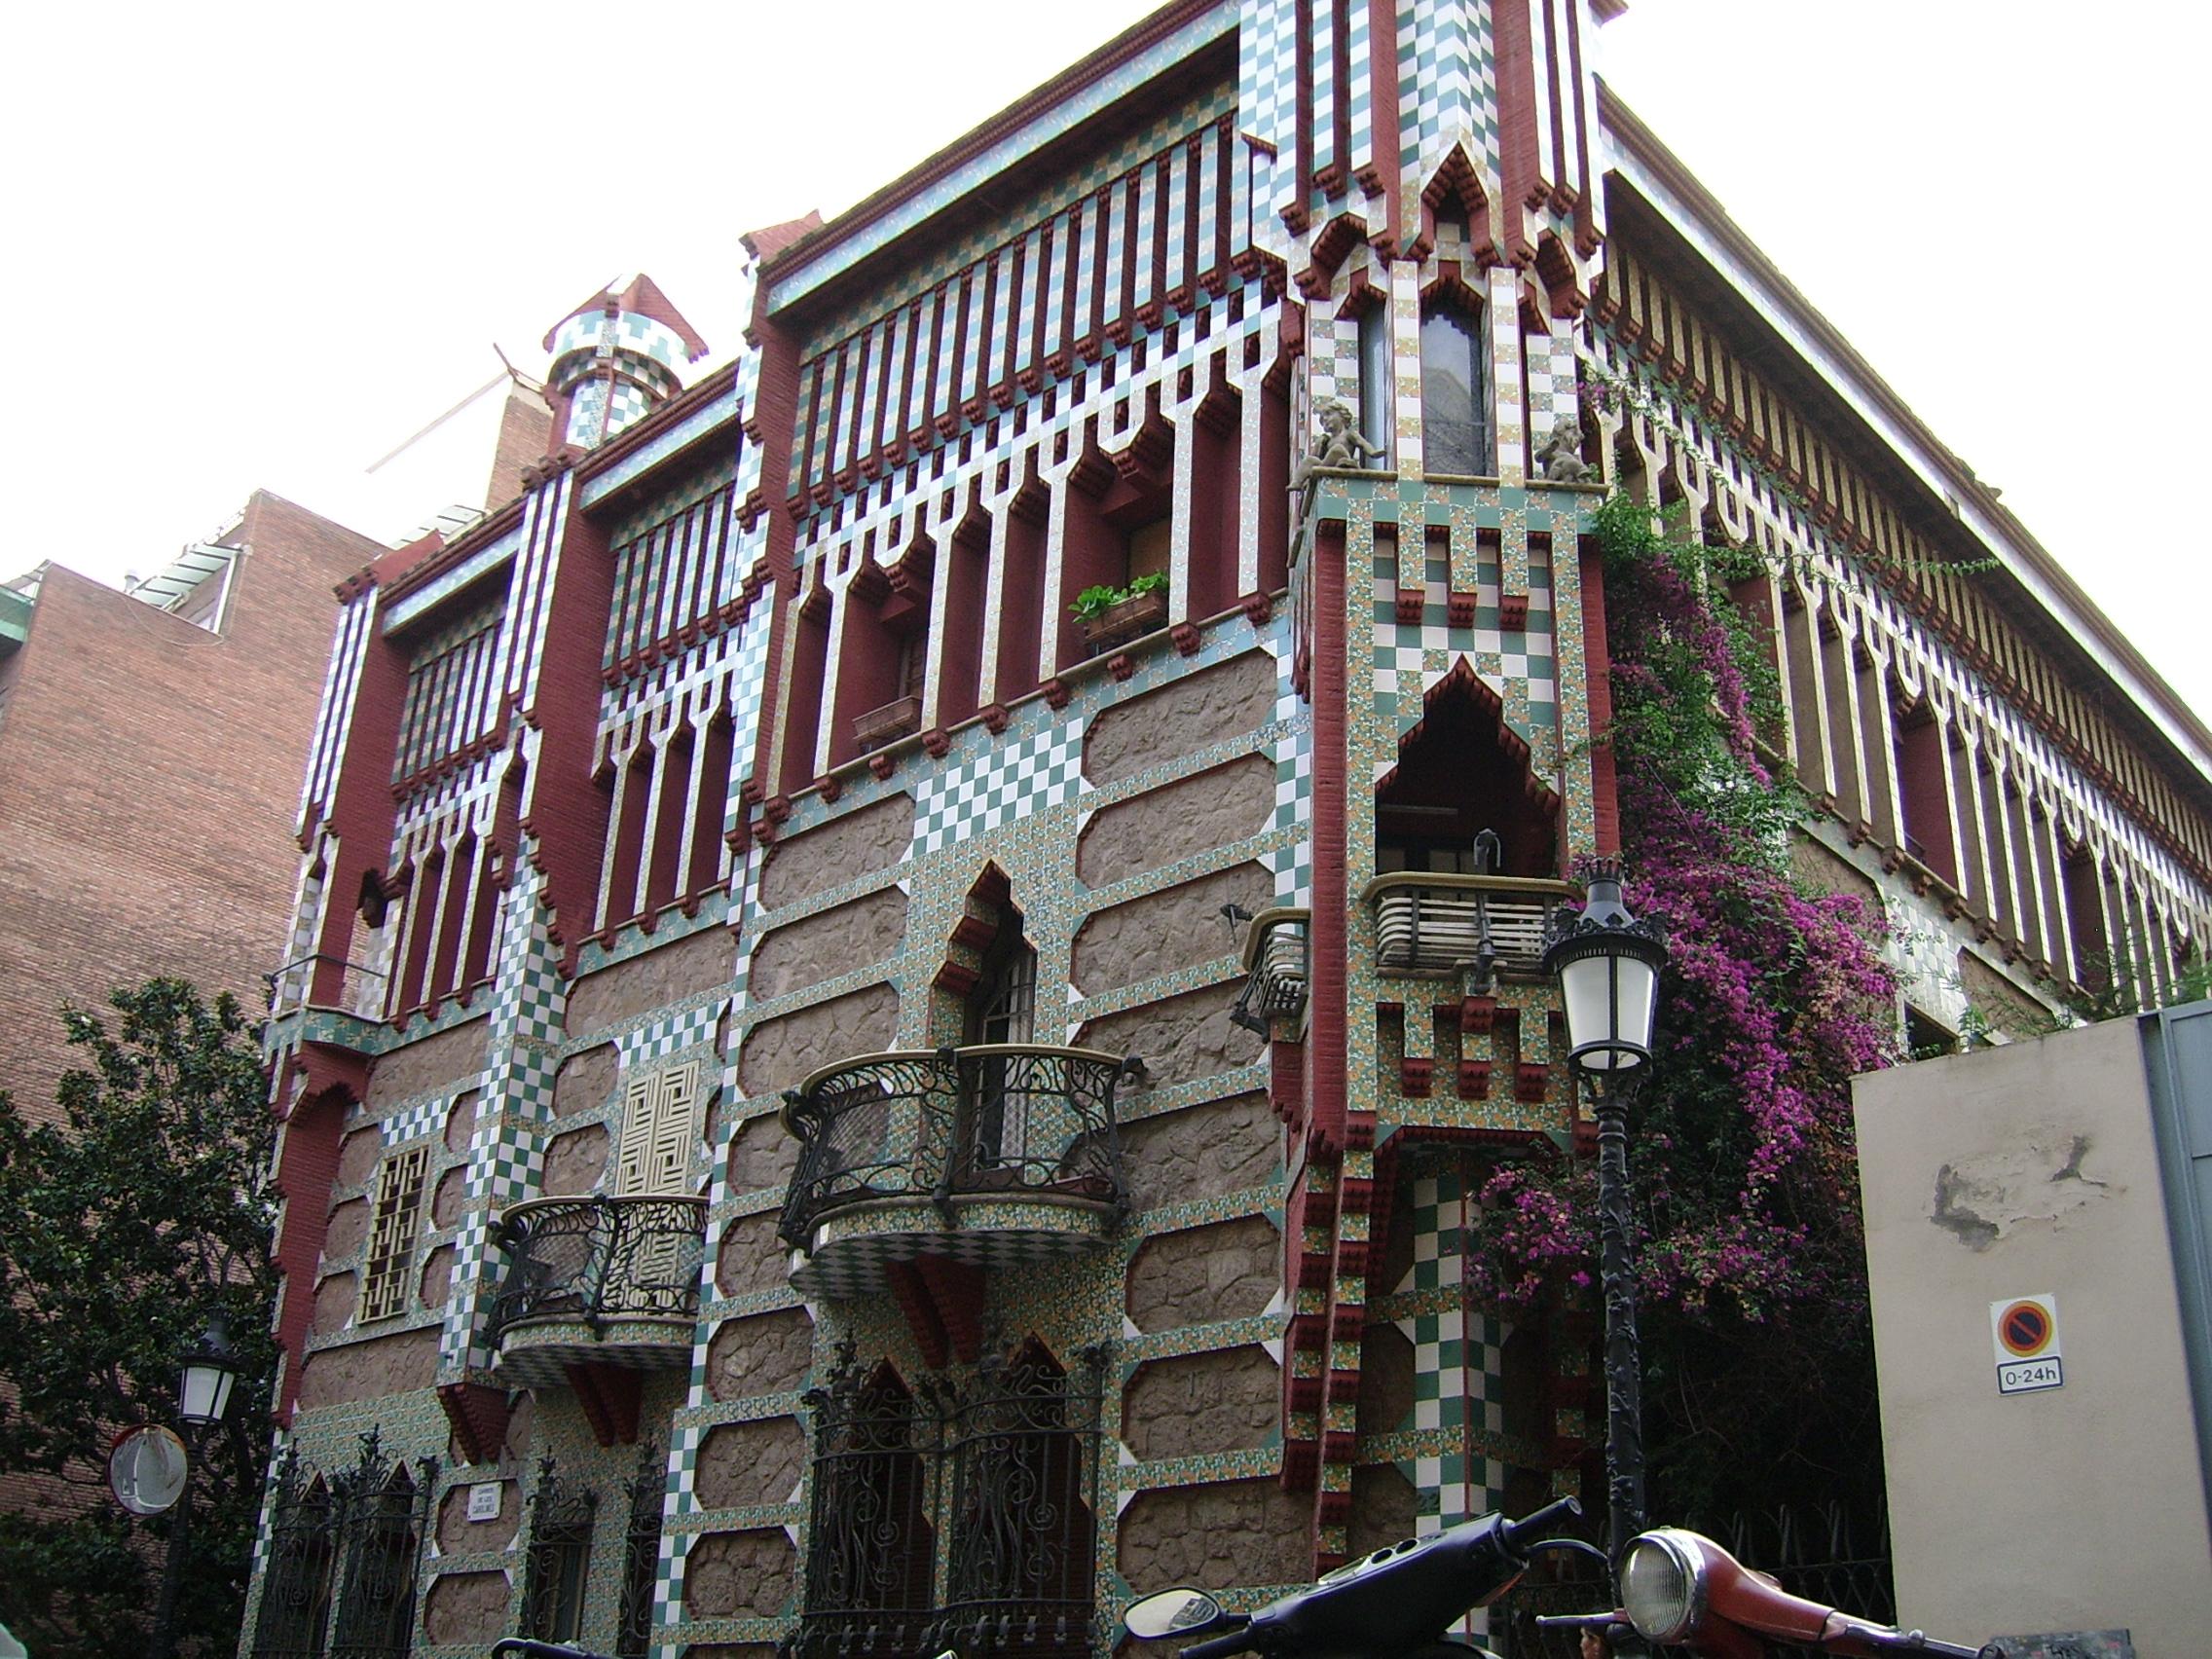 Los balcones y marcos de las ventanas, de clara influencia mudéjar, otorgan movimiento a la fachada externa del edificio. Imagen via CHIcCHE, Flickr.